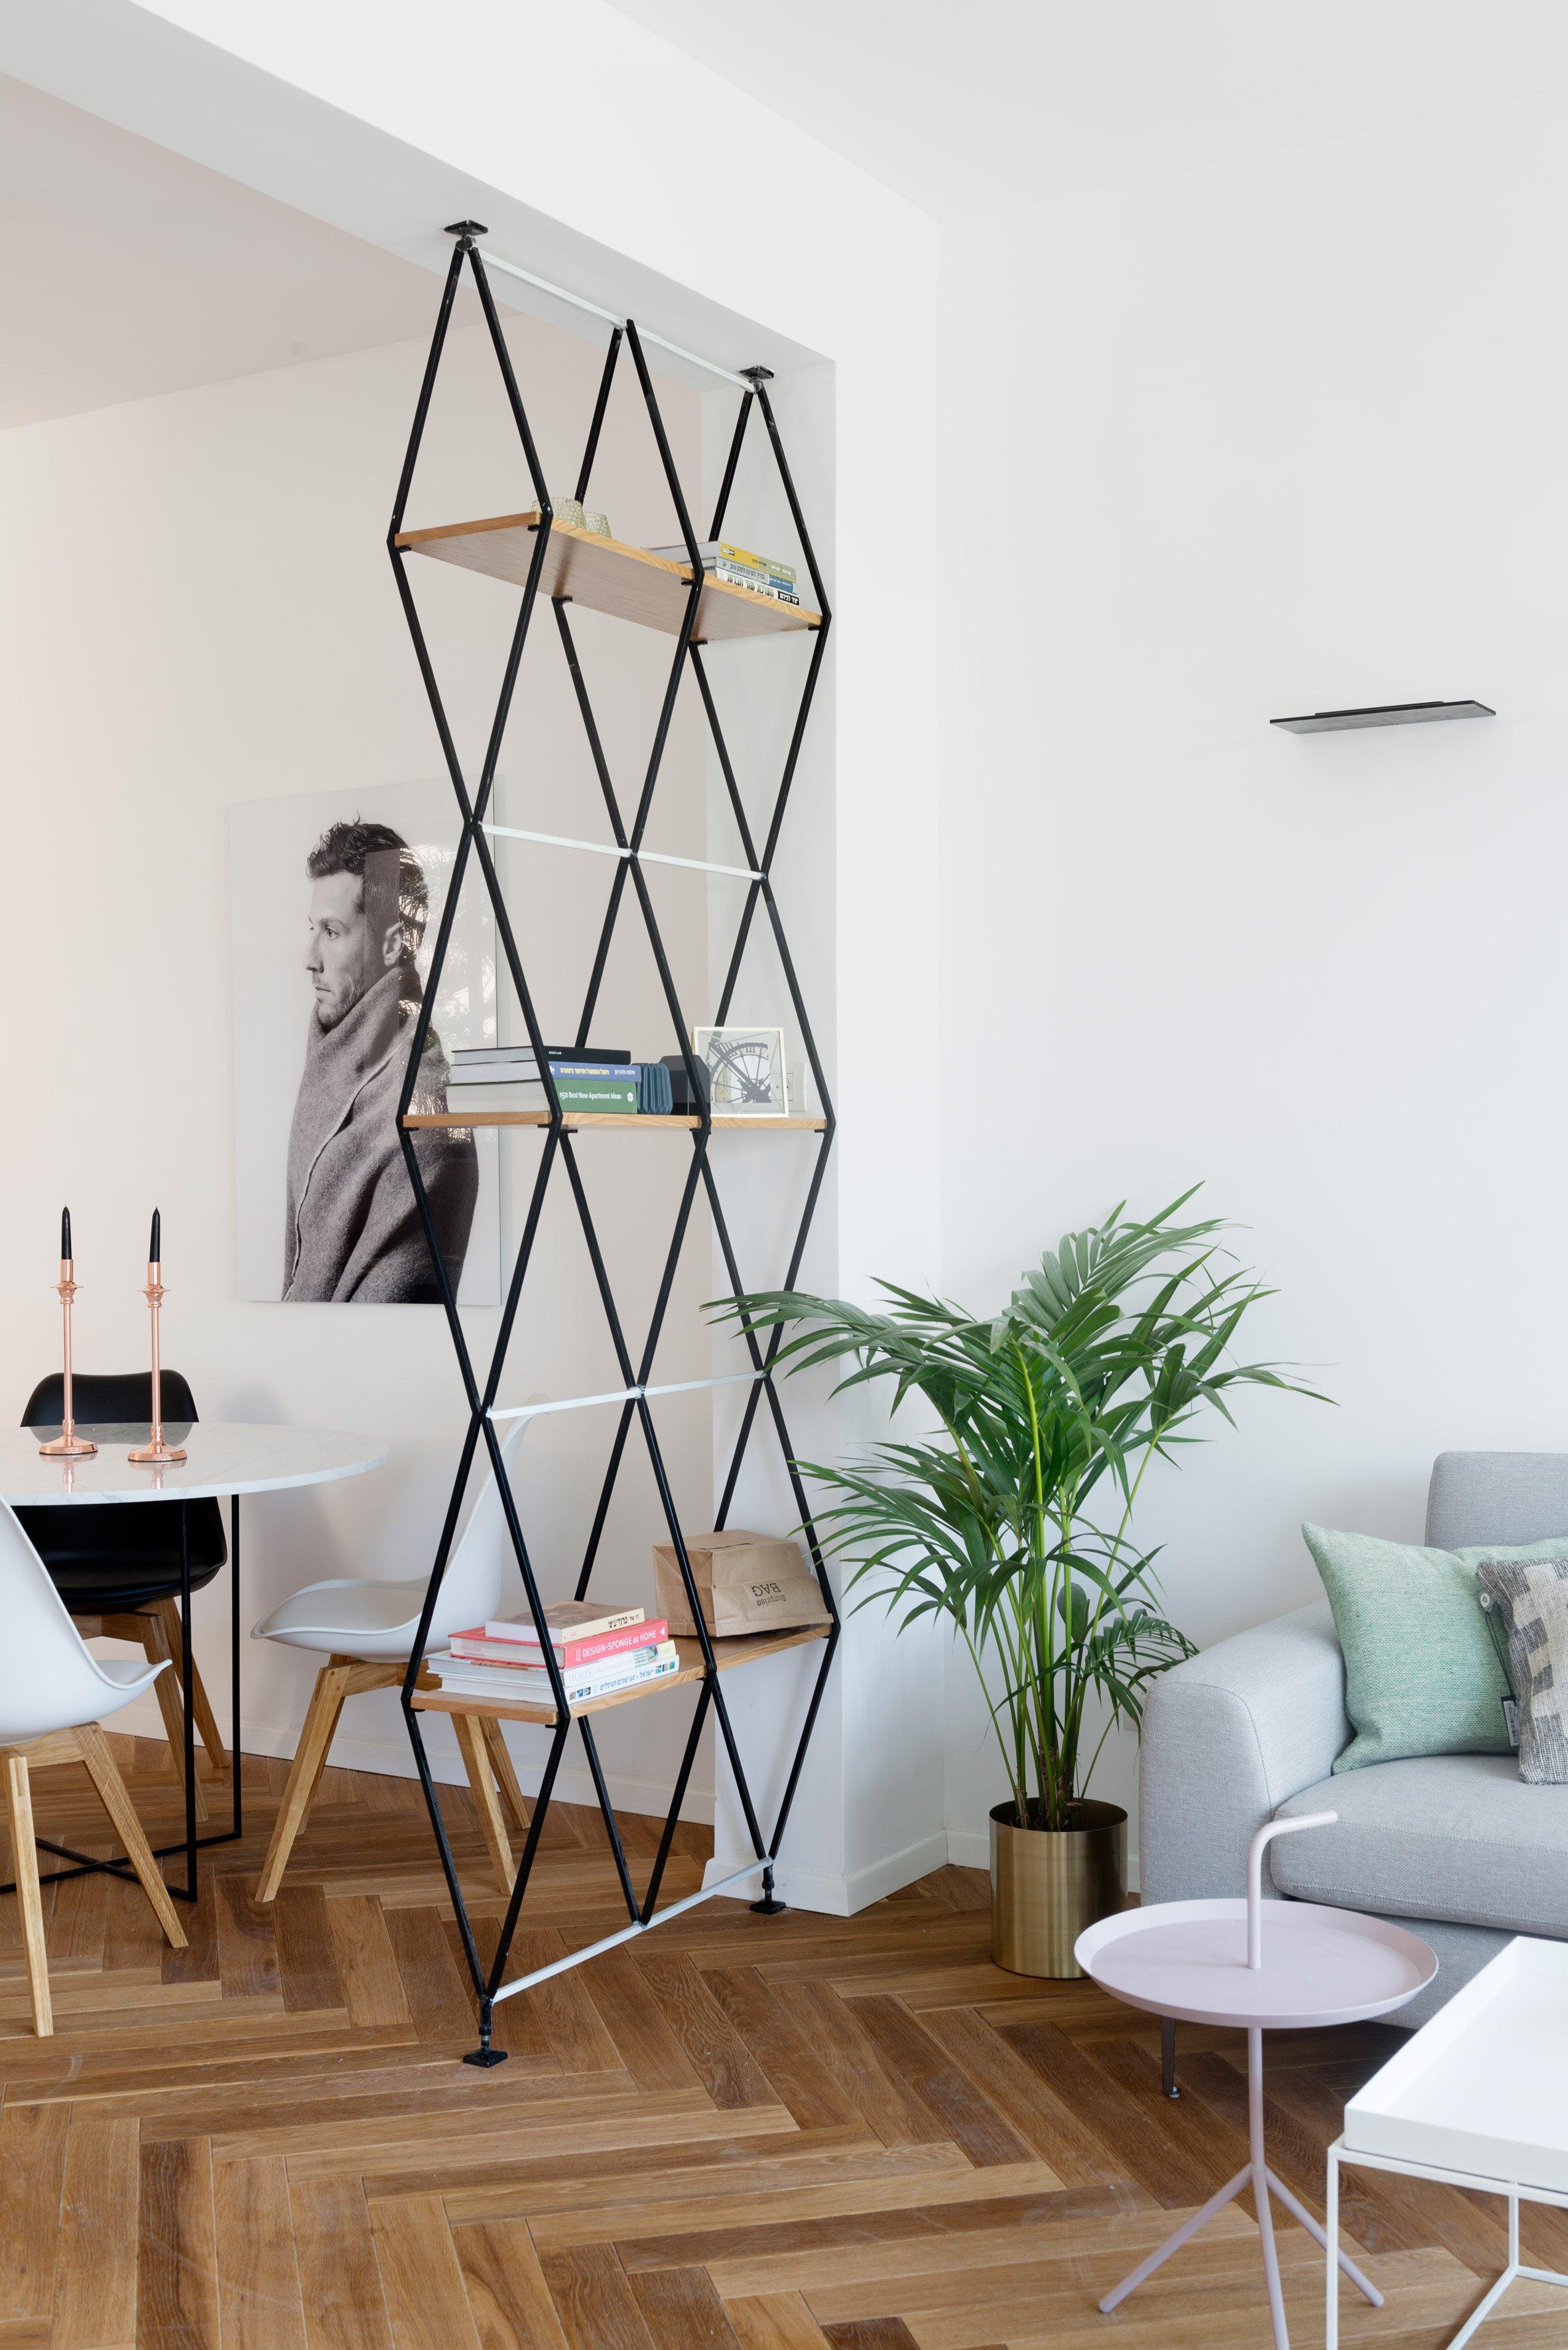 Room divider ideas to create separate zones in open plan homes - Estanterias separadoras de ambientes ...